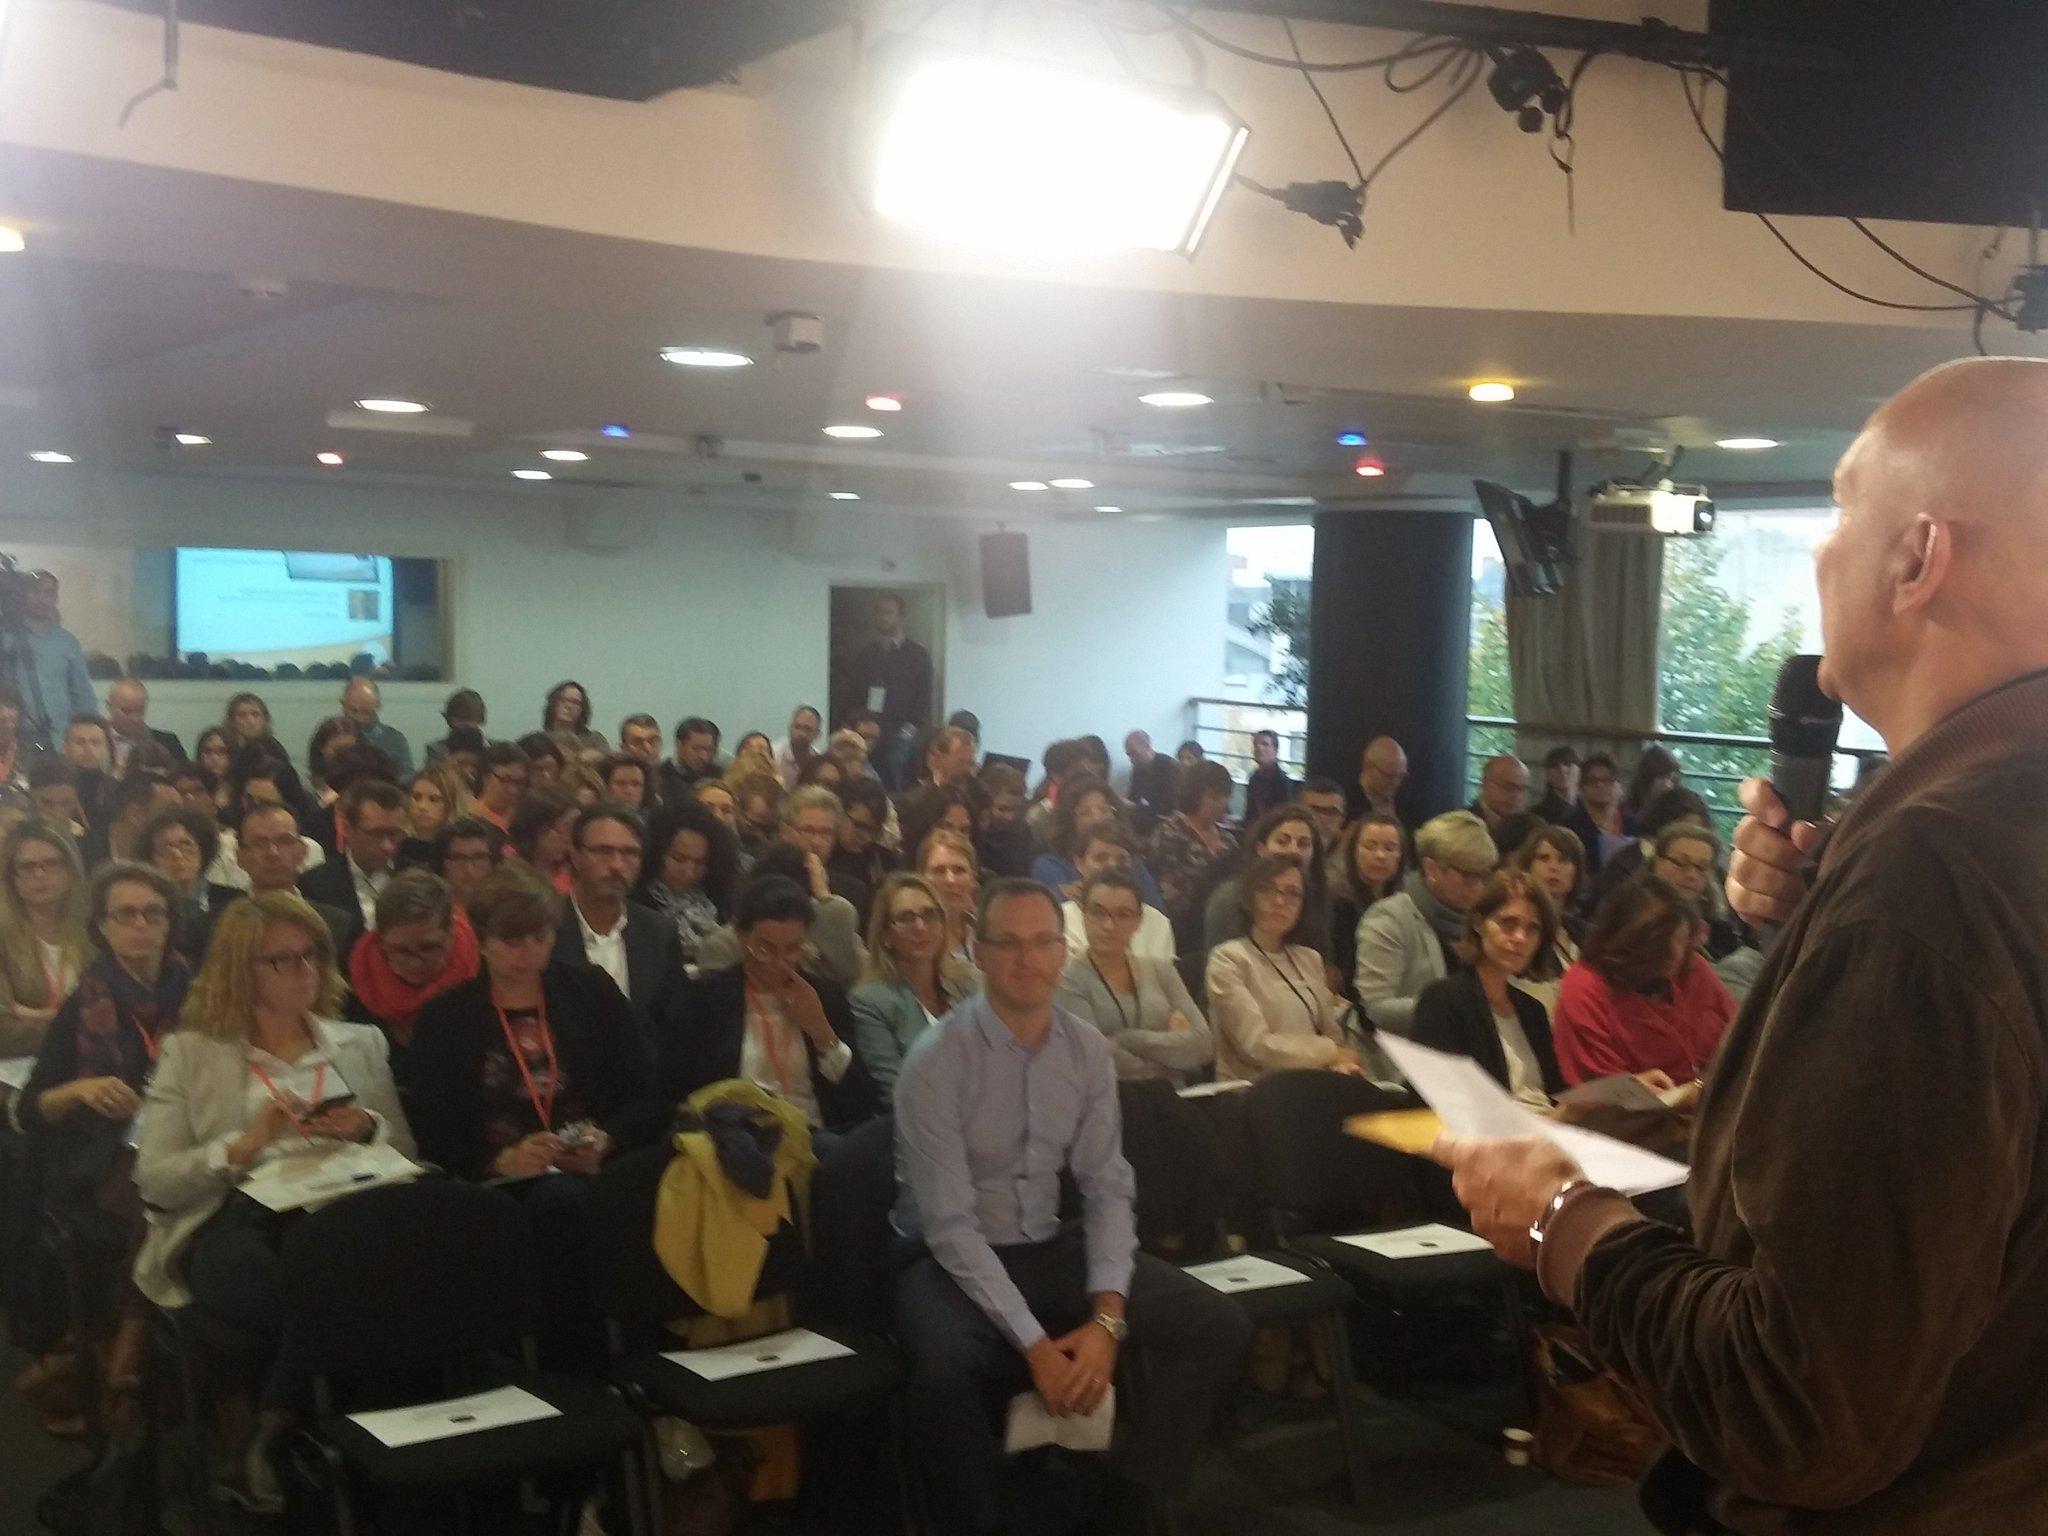 RT @ludosim: présent au #ForumRH commence au @cco_nantes Aujourd'hui, on parle d'engagement au travail ! https://t.co/UrZqVlu64y